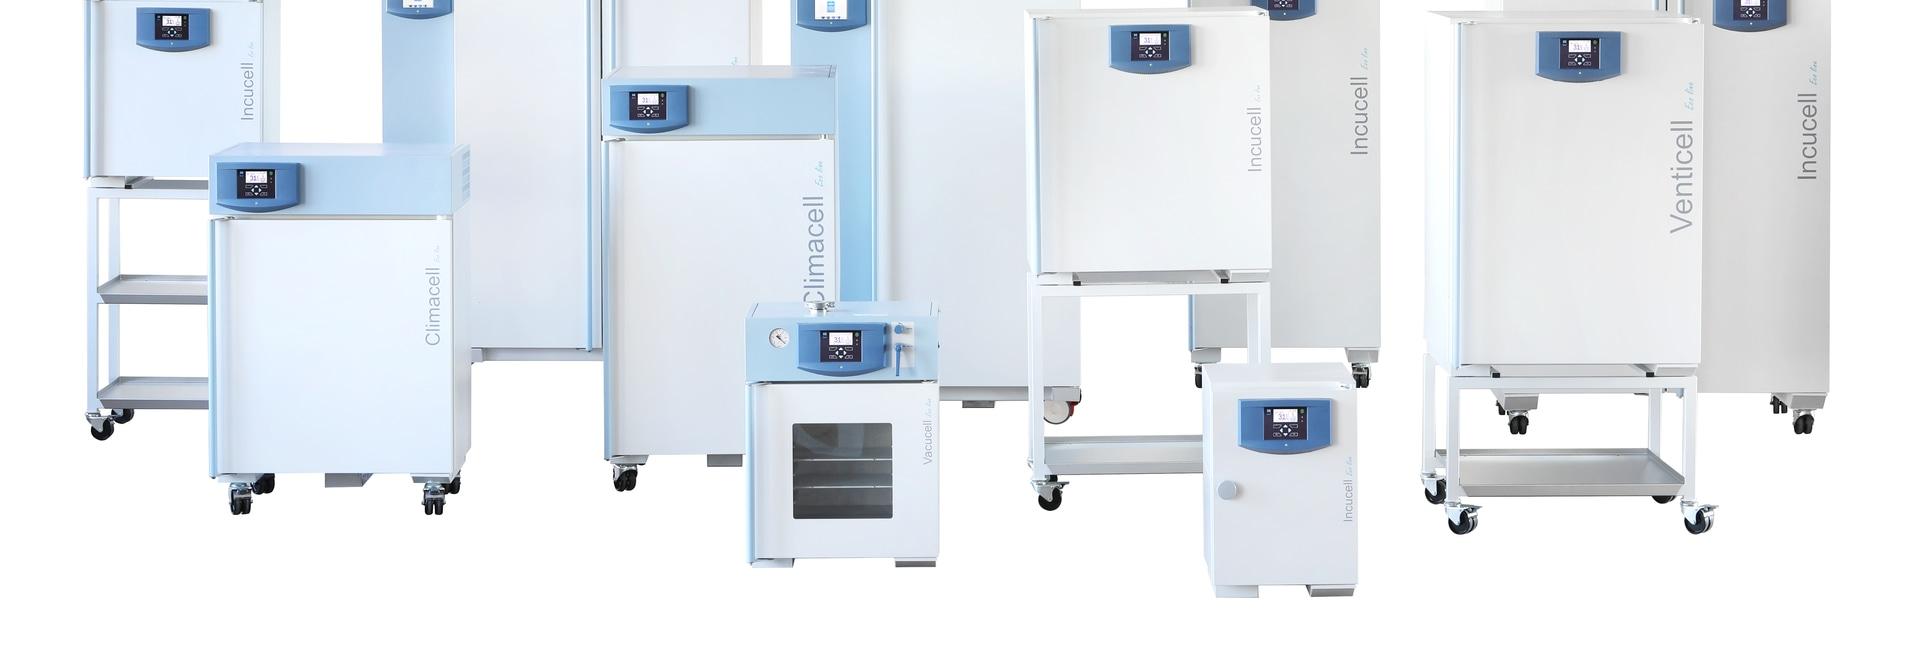 Ausrüstung behandelt sicher mikrobiologische Kulturen